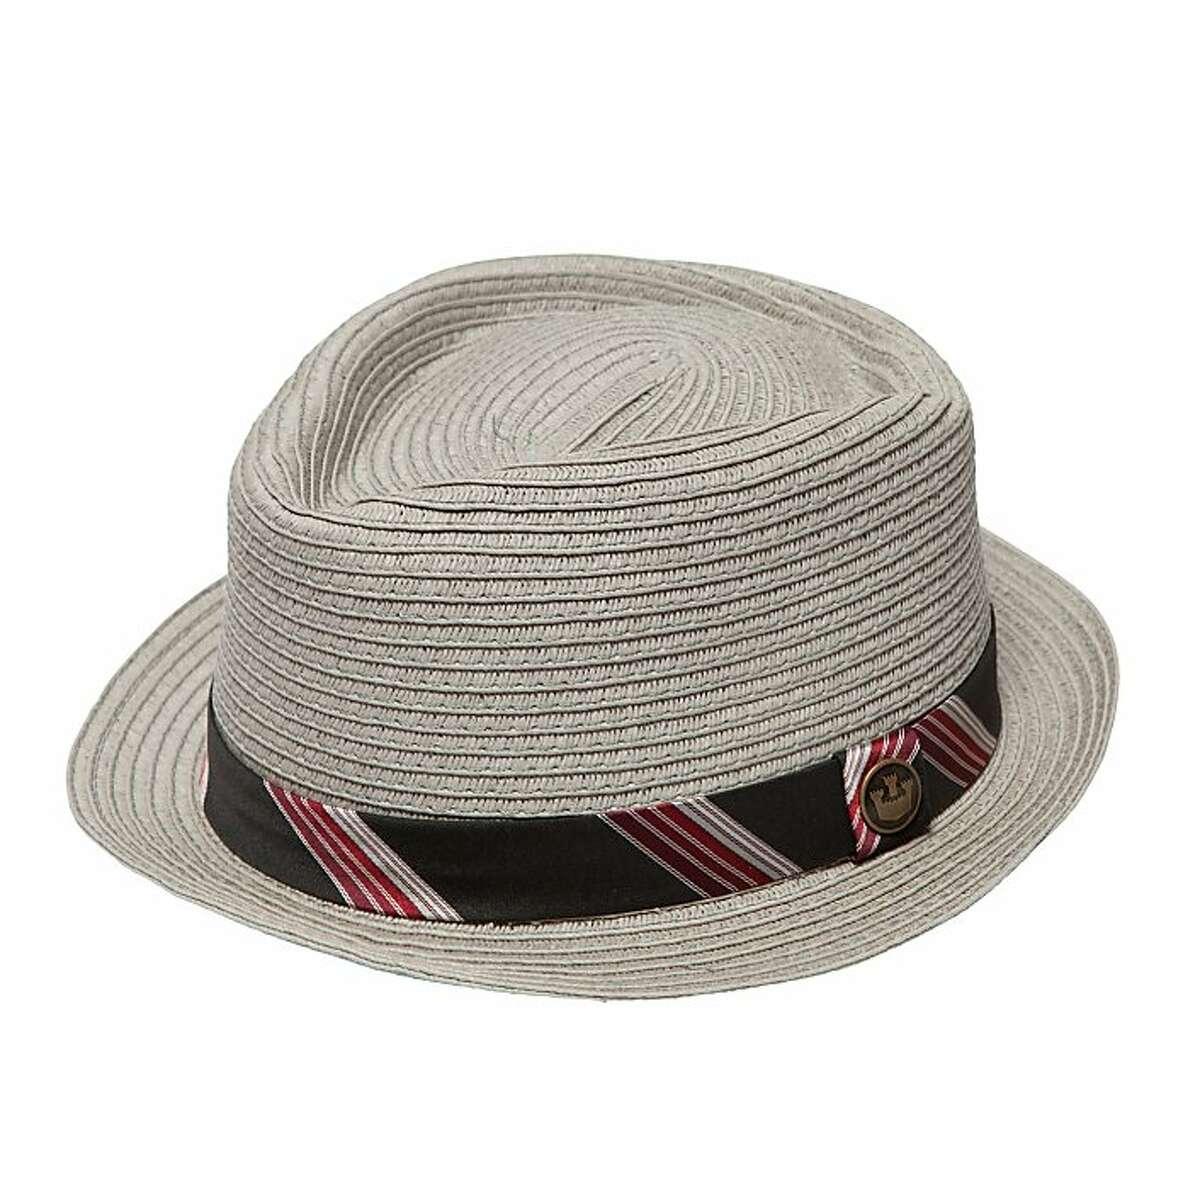 Uncle Sam hat by Goorin Bros.